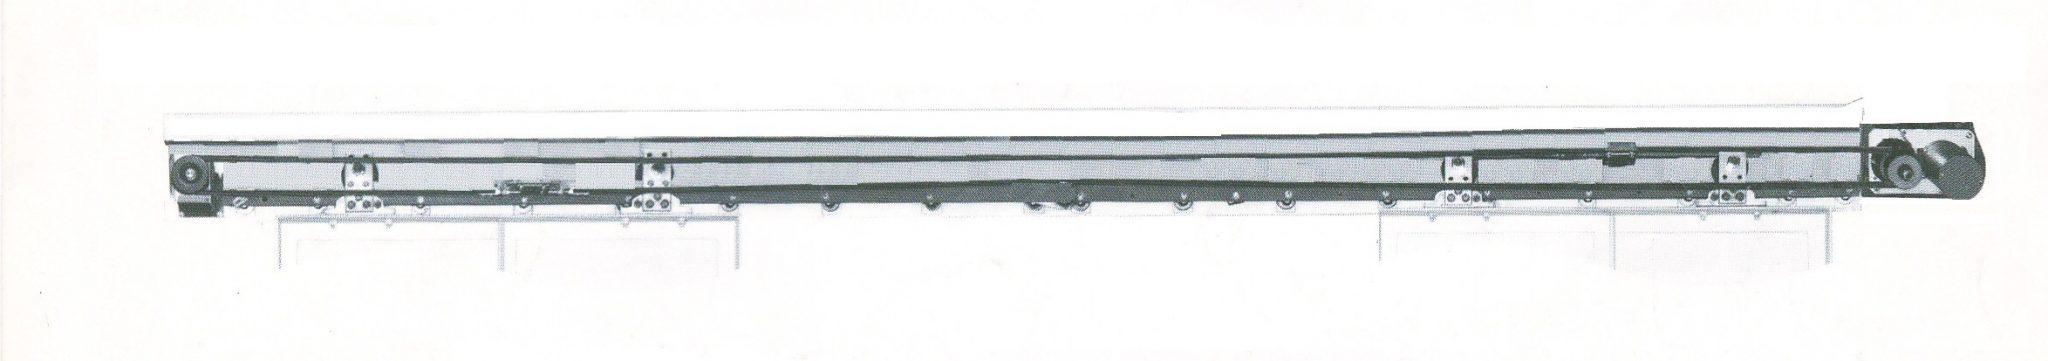 SOV 300 (2)